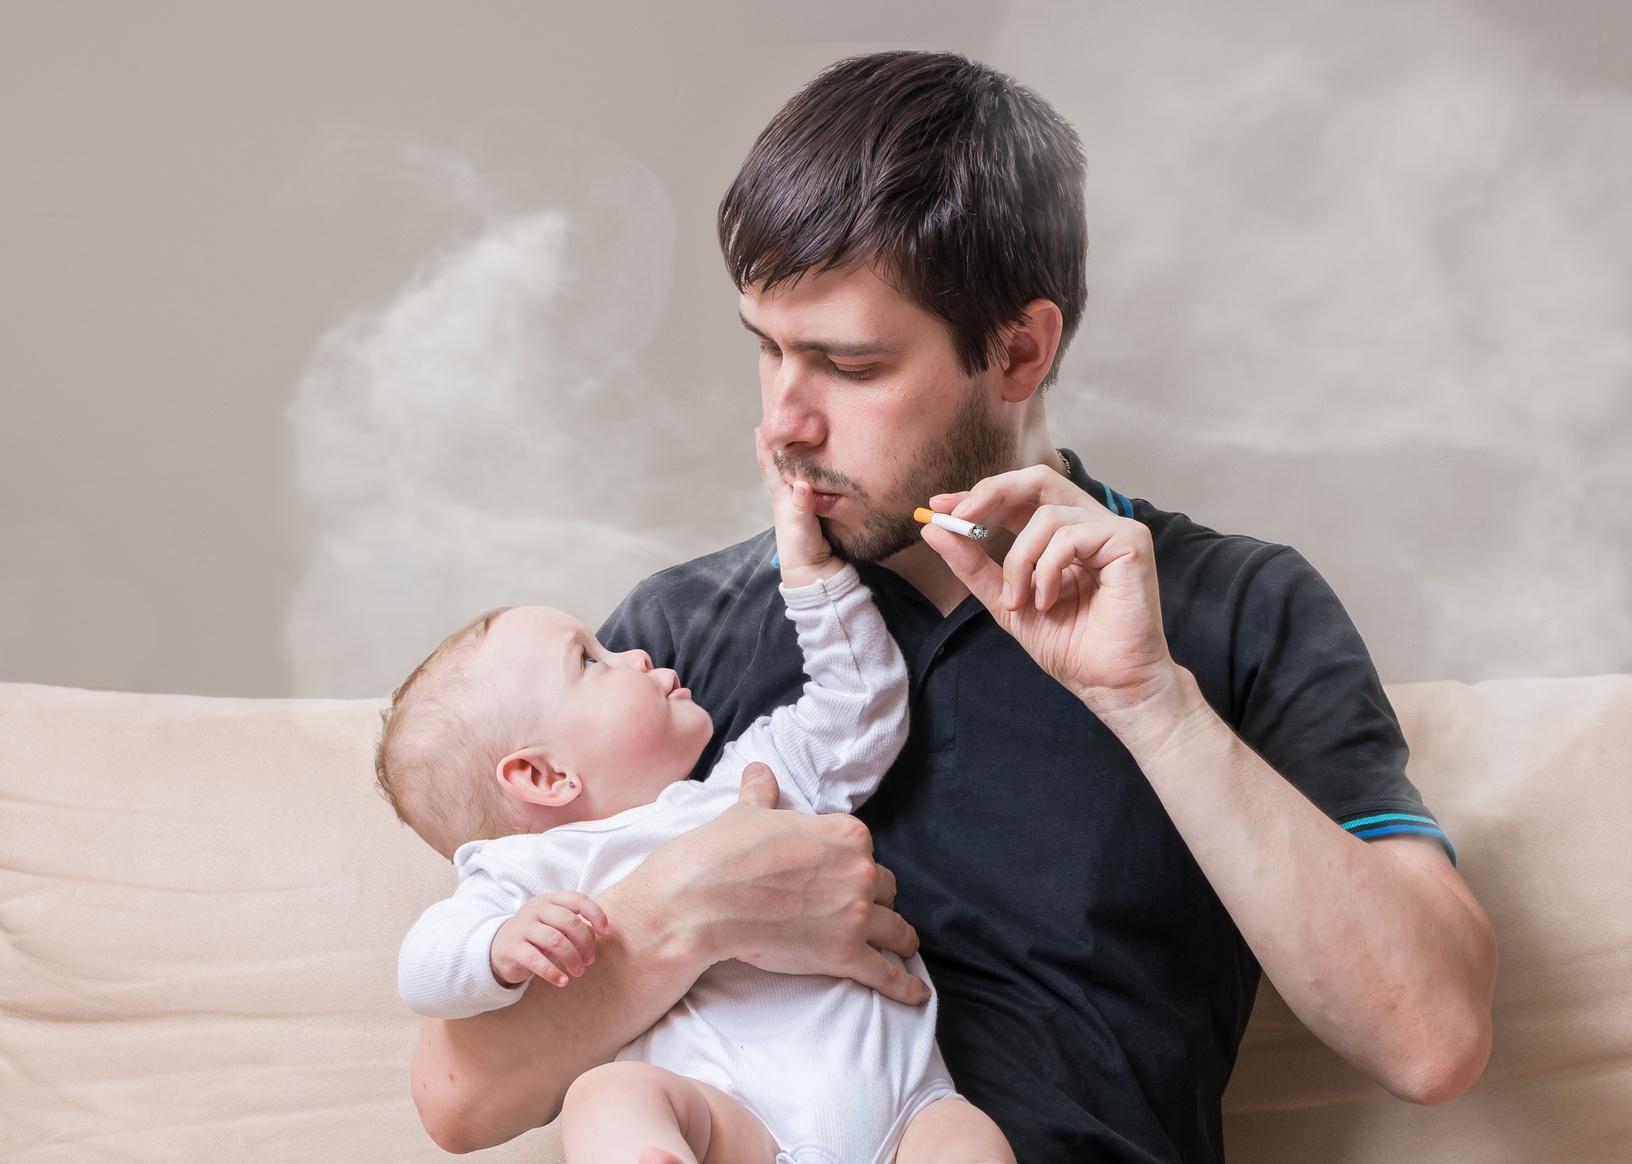 Foto von rauchendem Baby im Netz - Polizei ermittelt